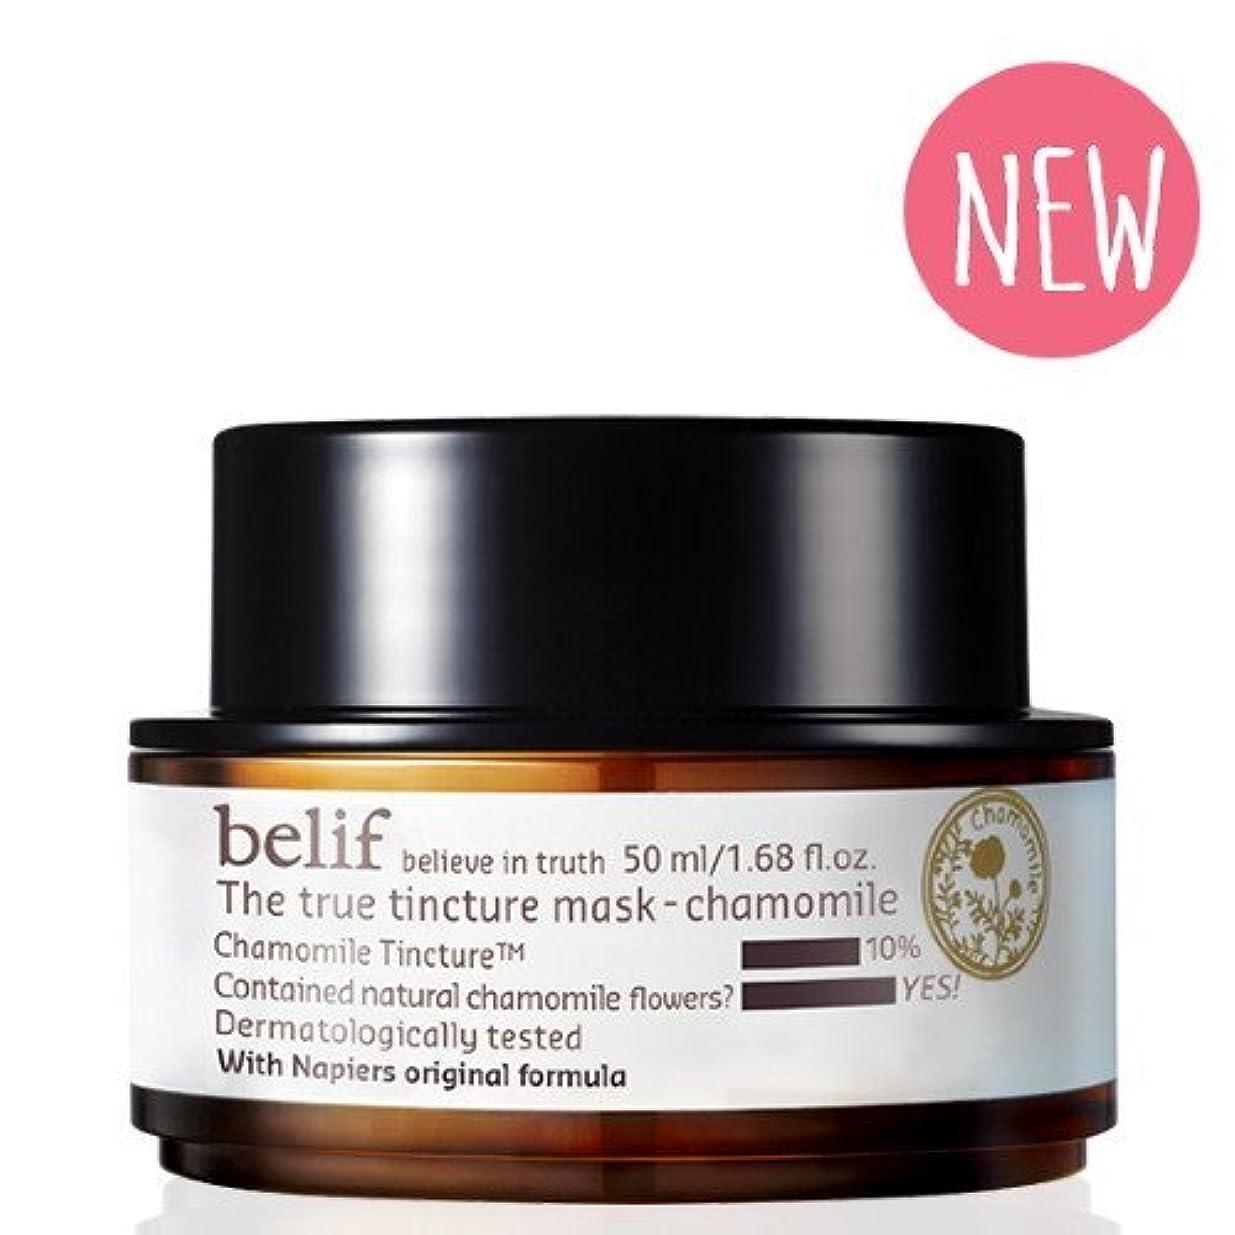 負に向けて出発粘着性2016 New - Belif The True Tincture Mask chamomile [並行輸入品]